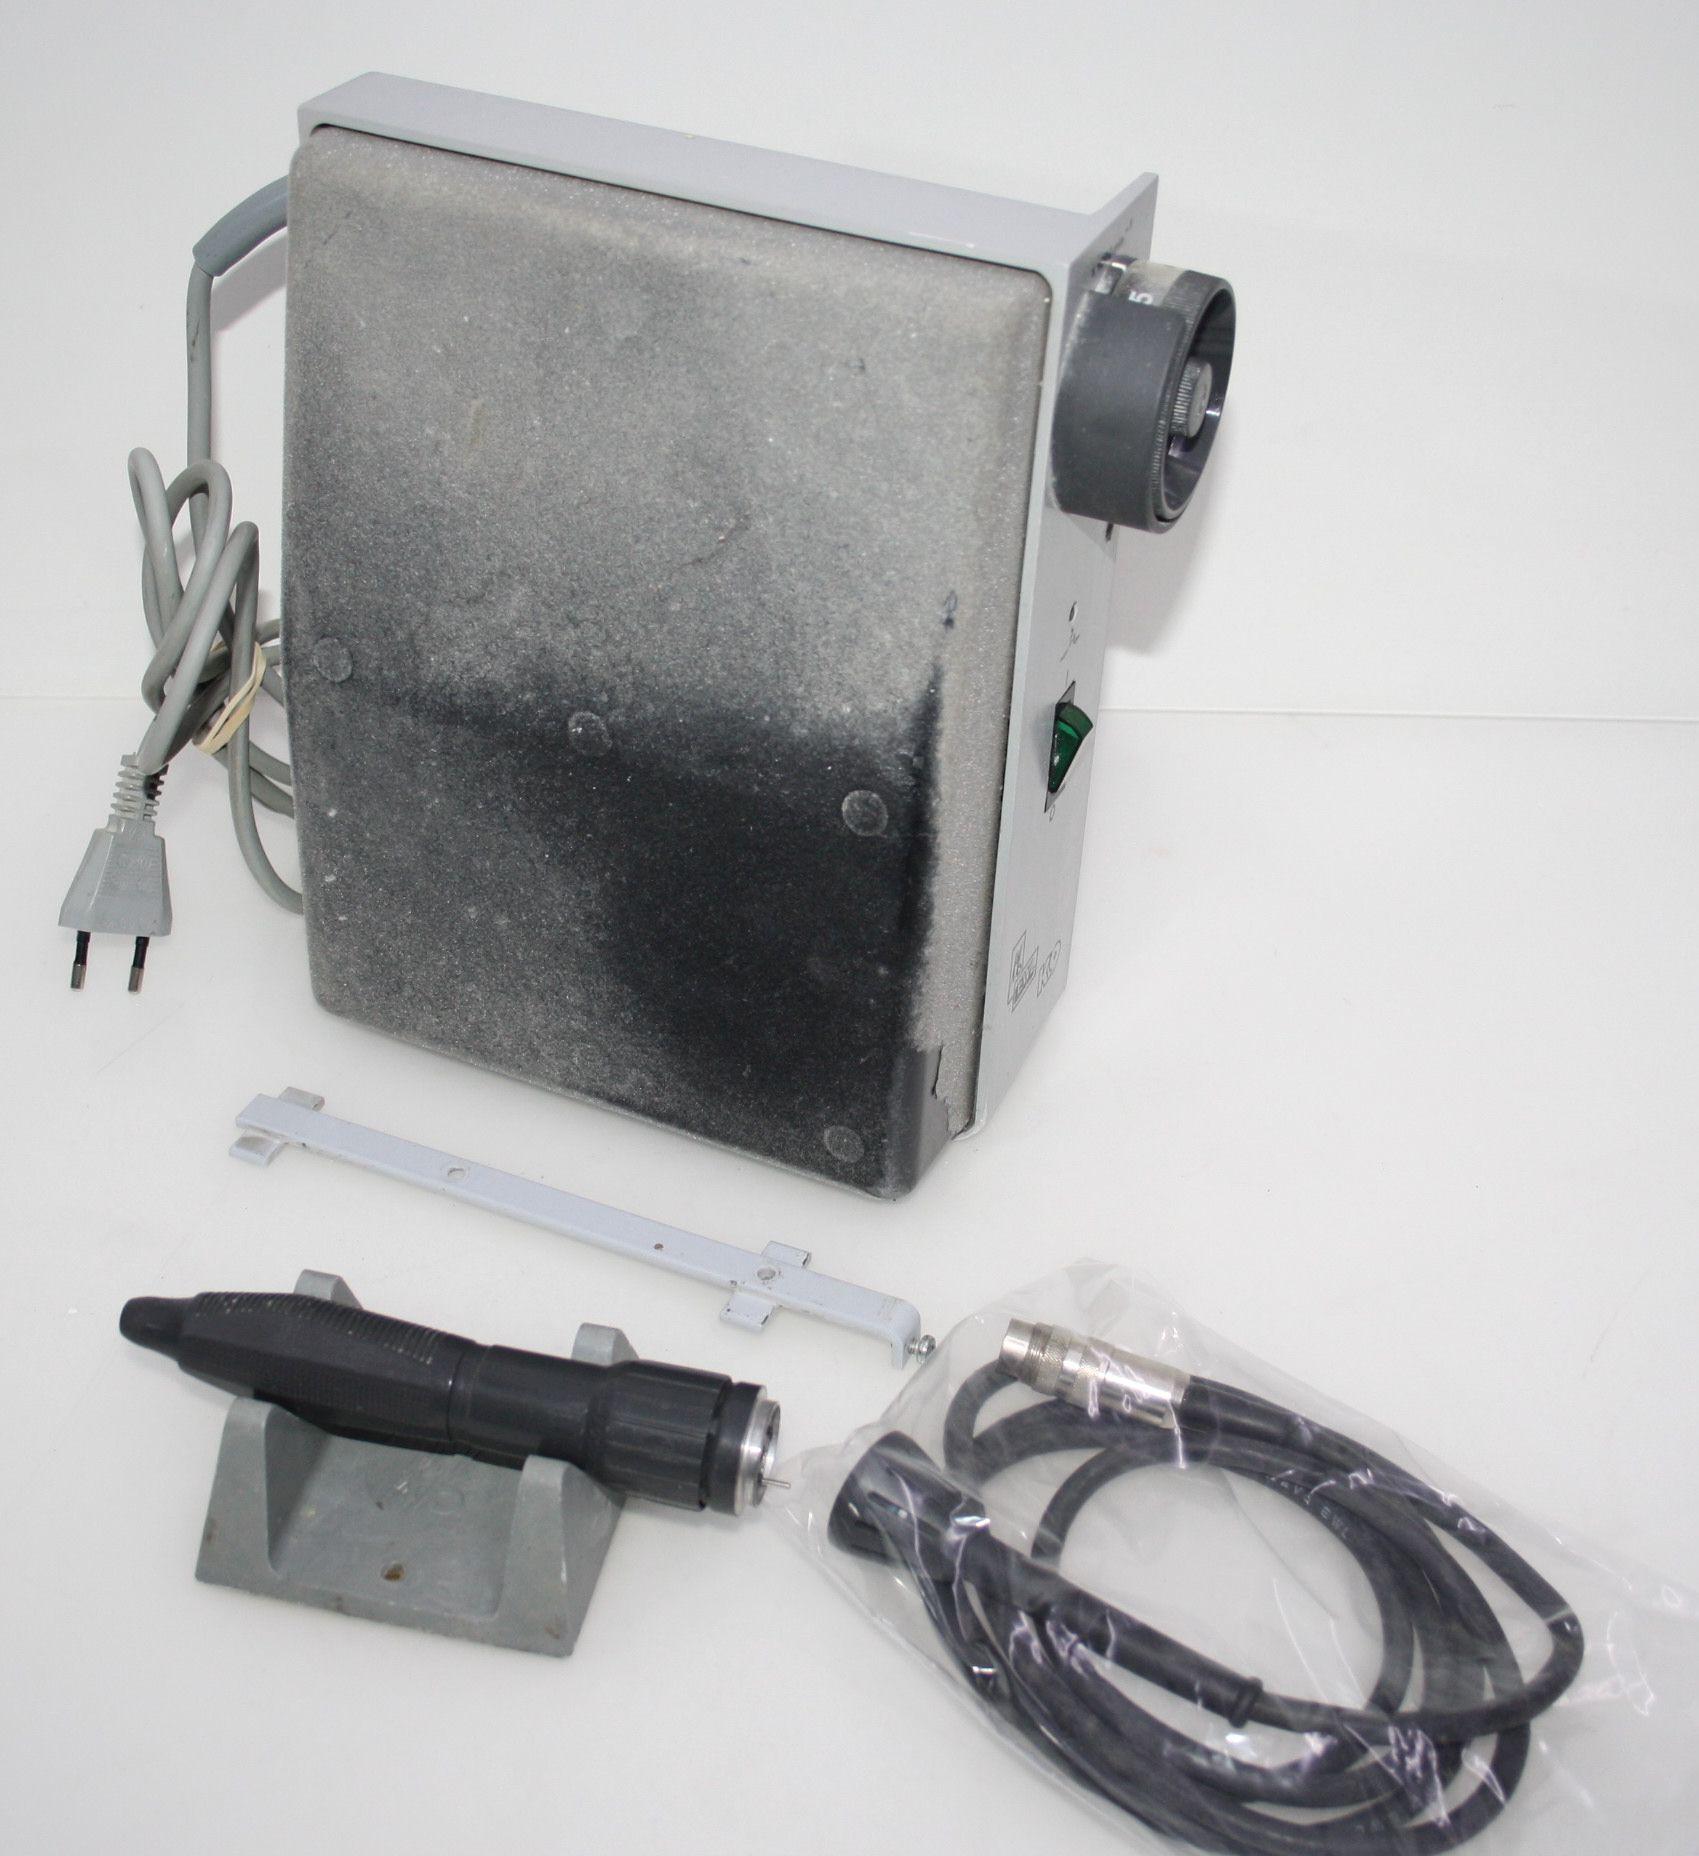 AMANN GIRRBACH Dampfstrahler Typ Steamer X 3 # 9500